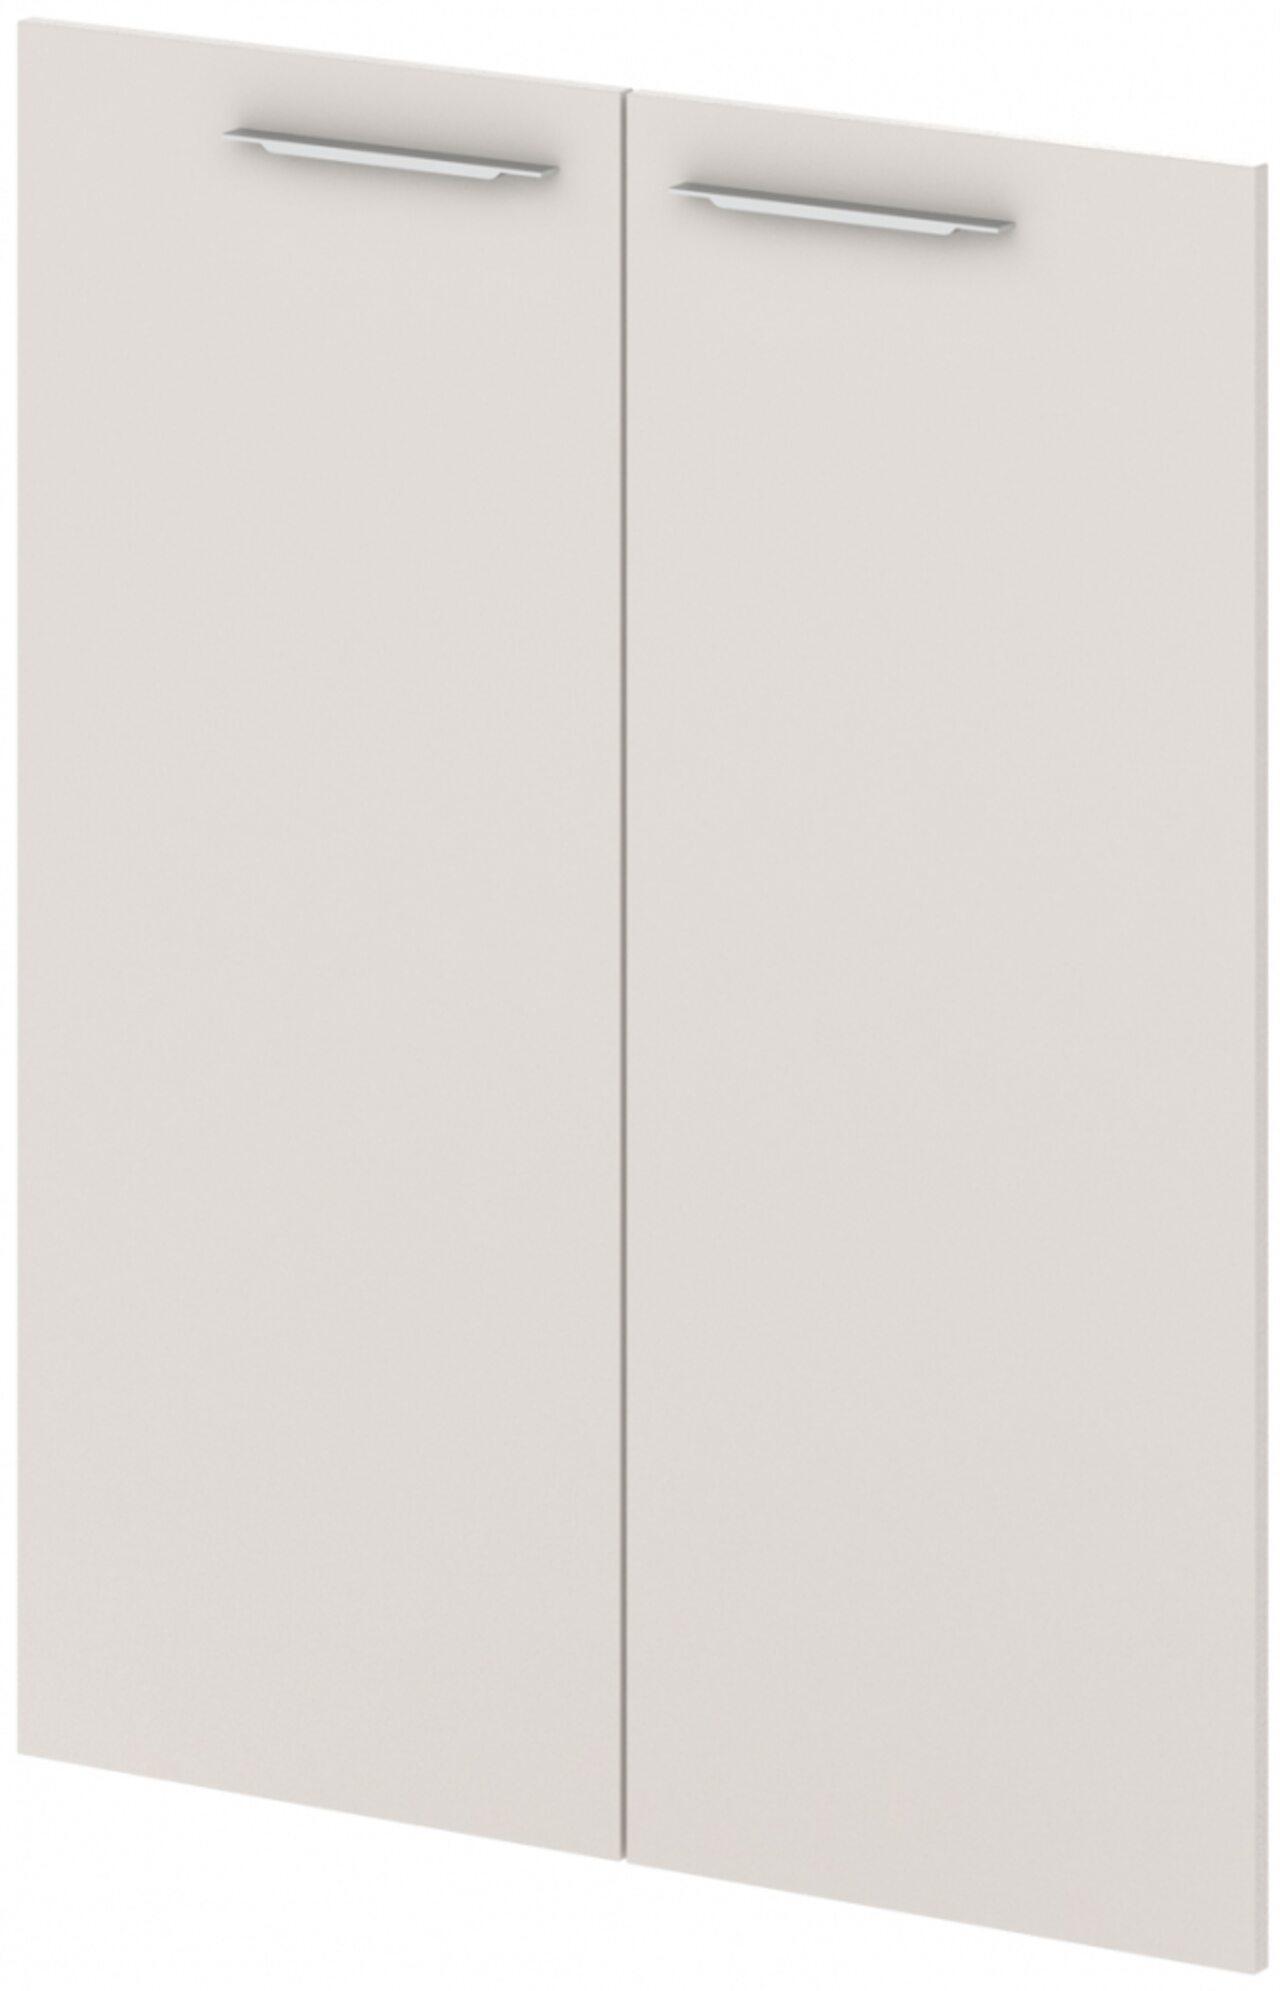 Двери ЛДСП средние  Grandeza 90x2x111 - фото 6